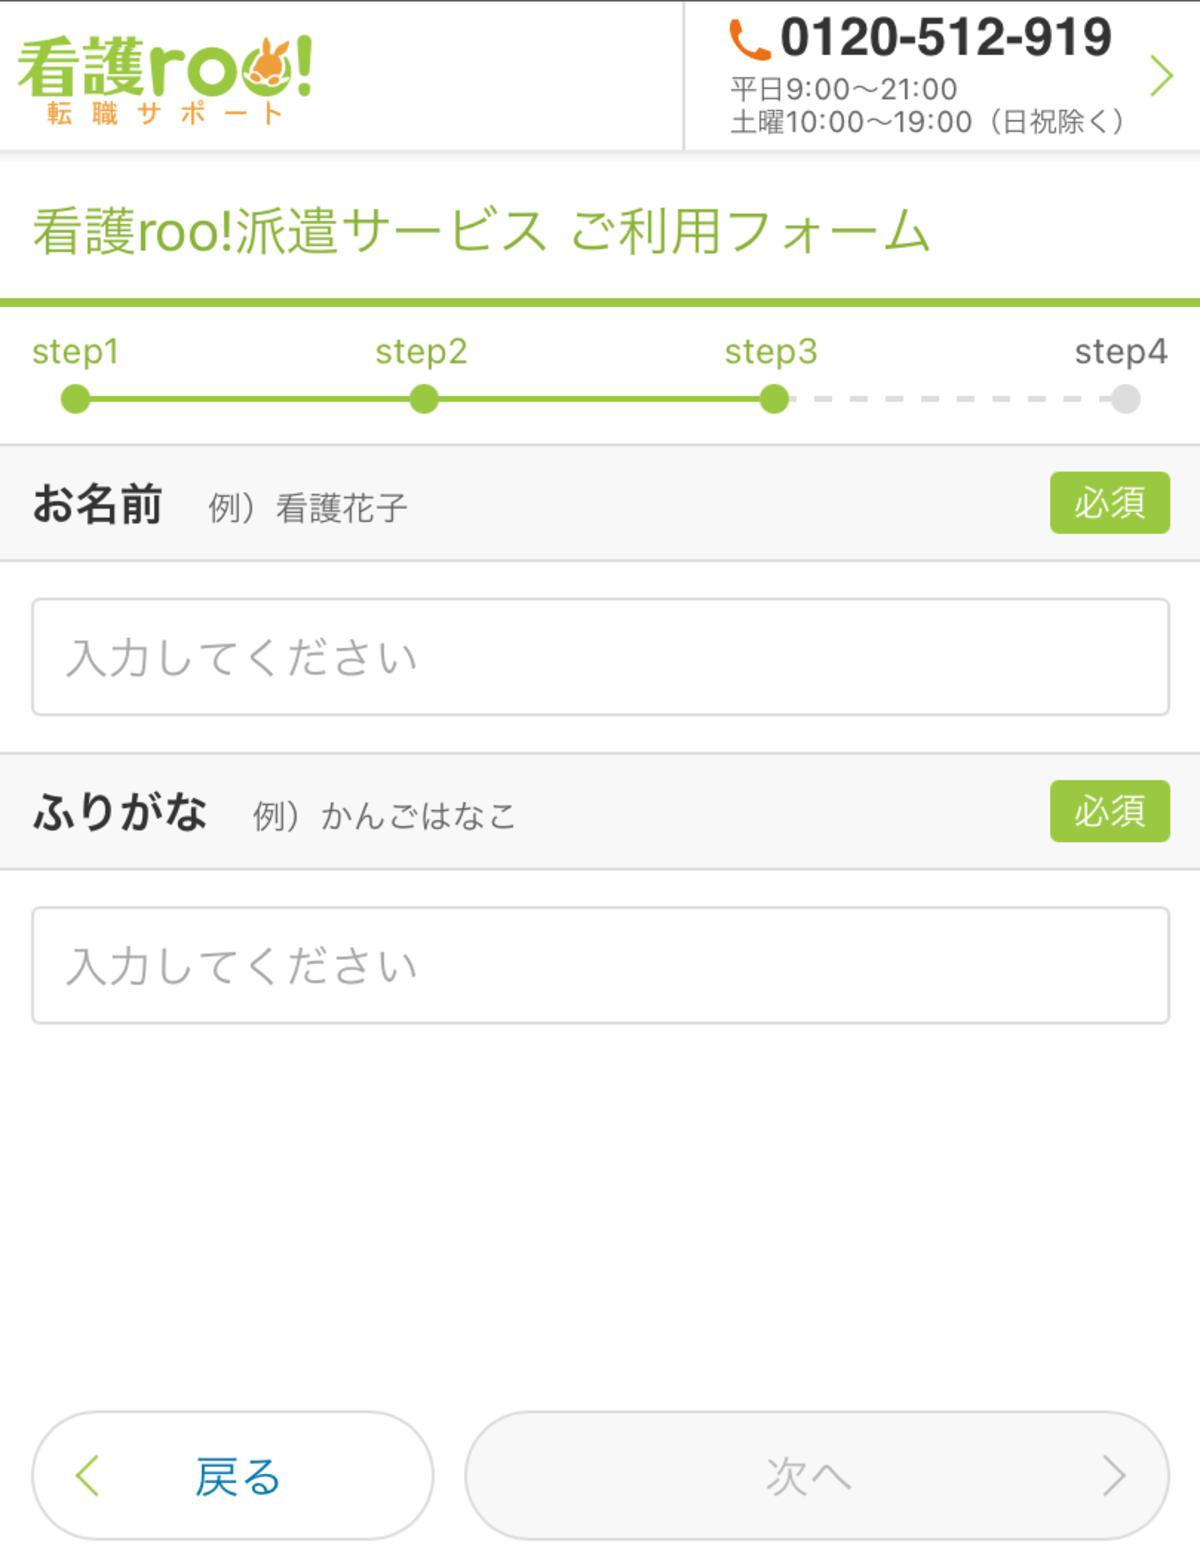 tourokuhaken33